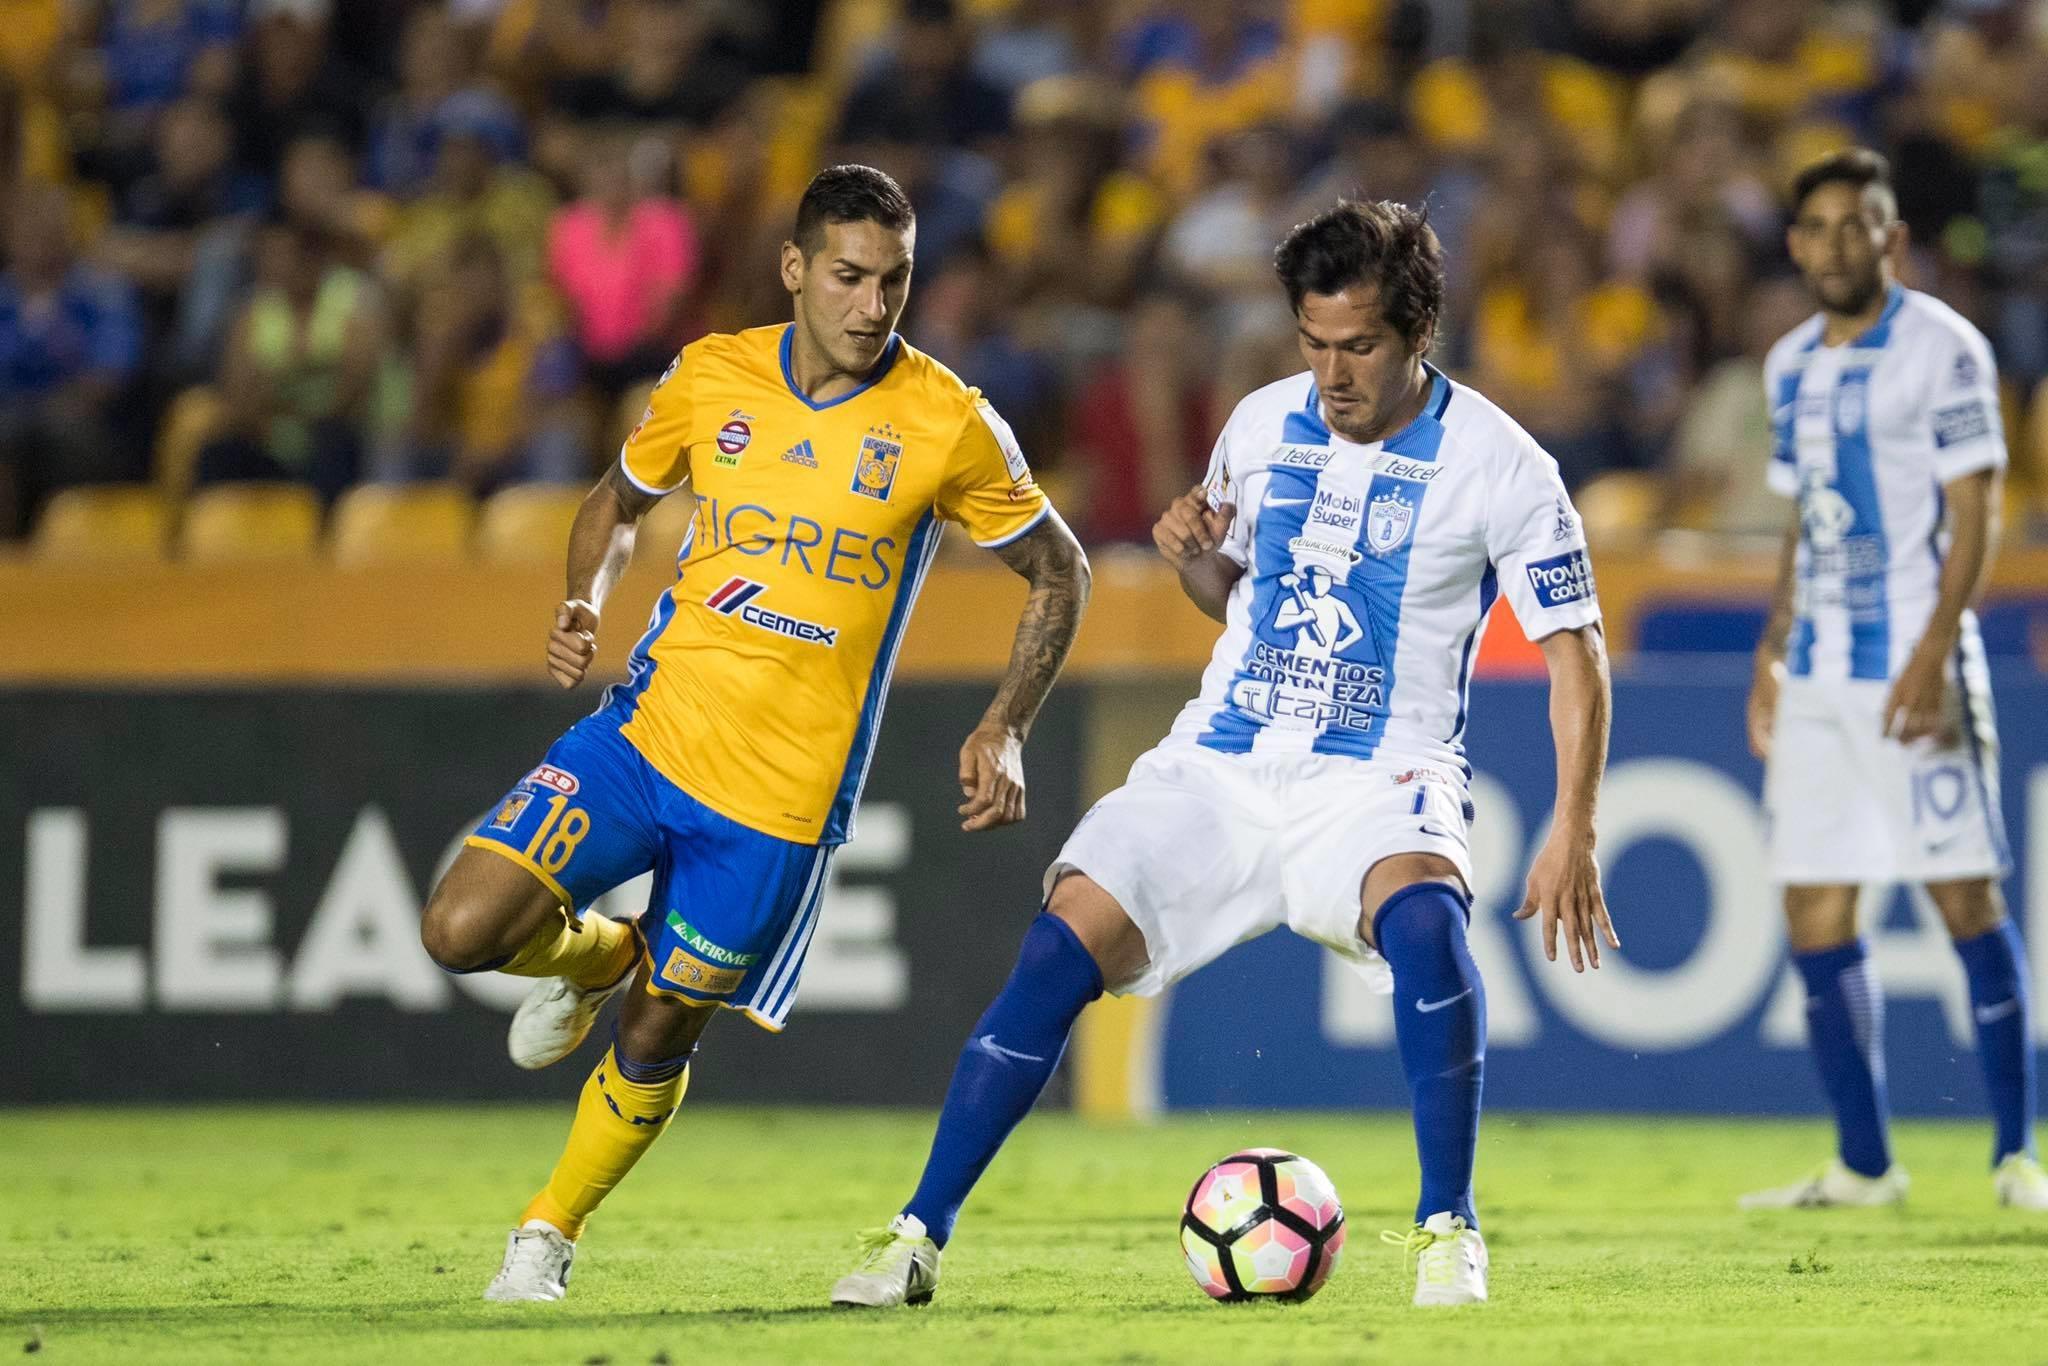 Se jugó la primera fecha de la Liguilla del futbol mexicano